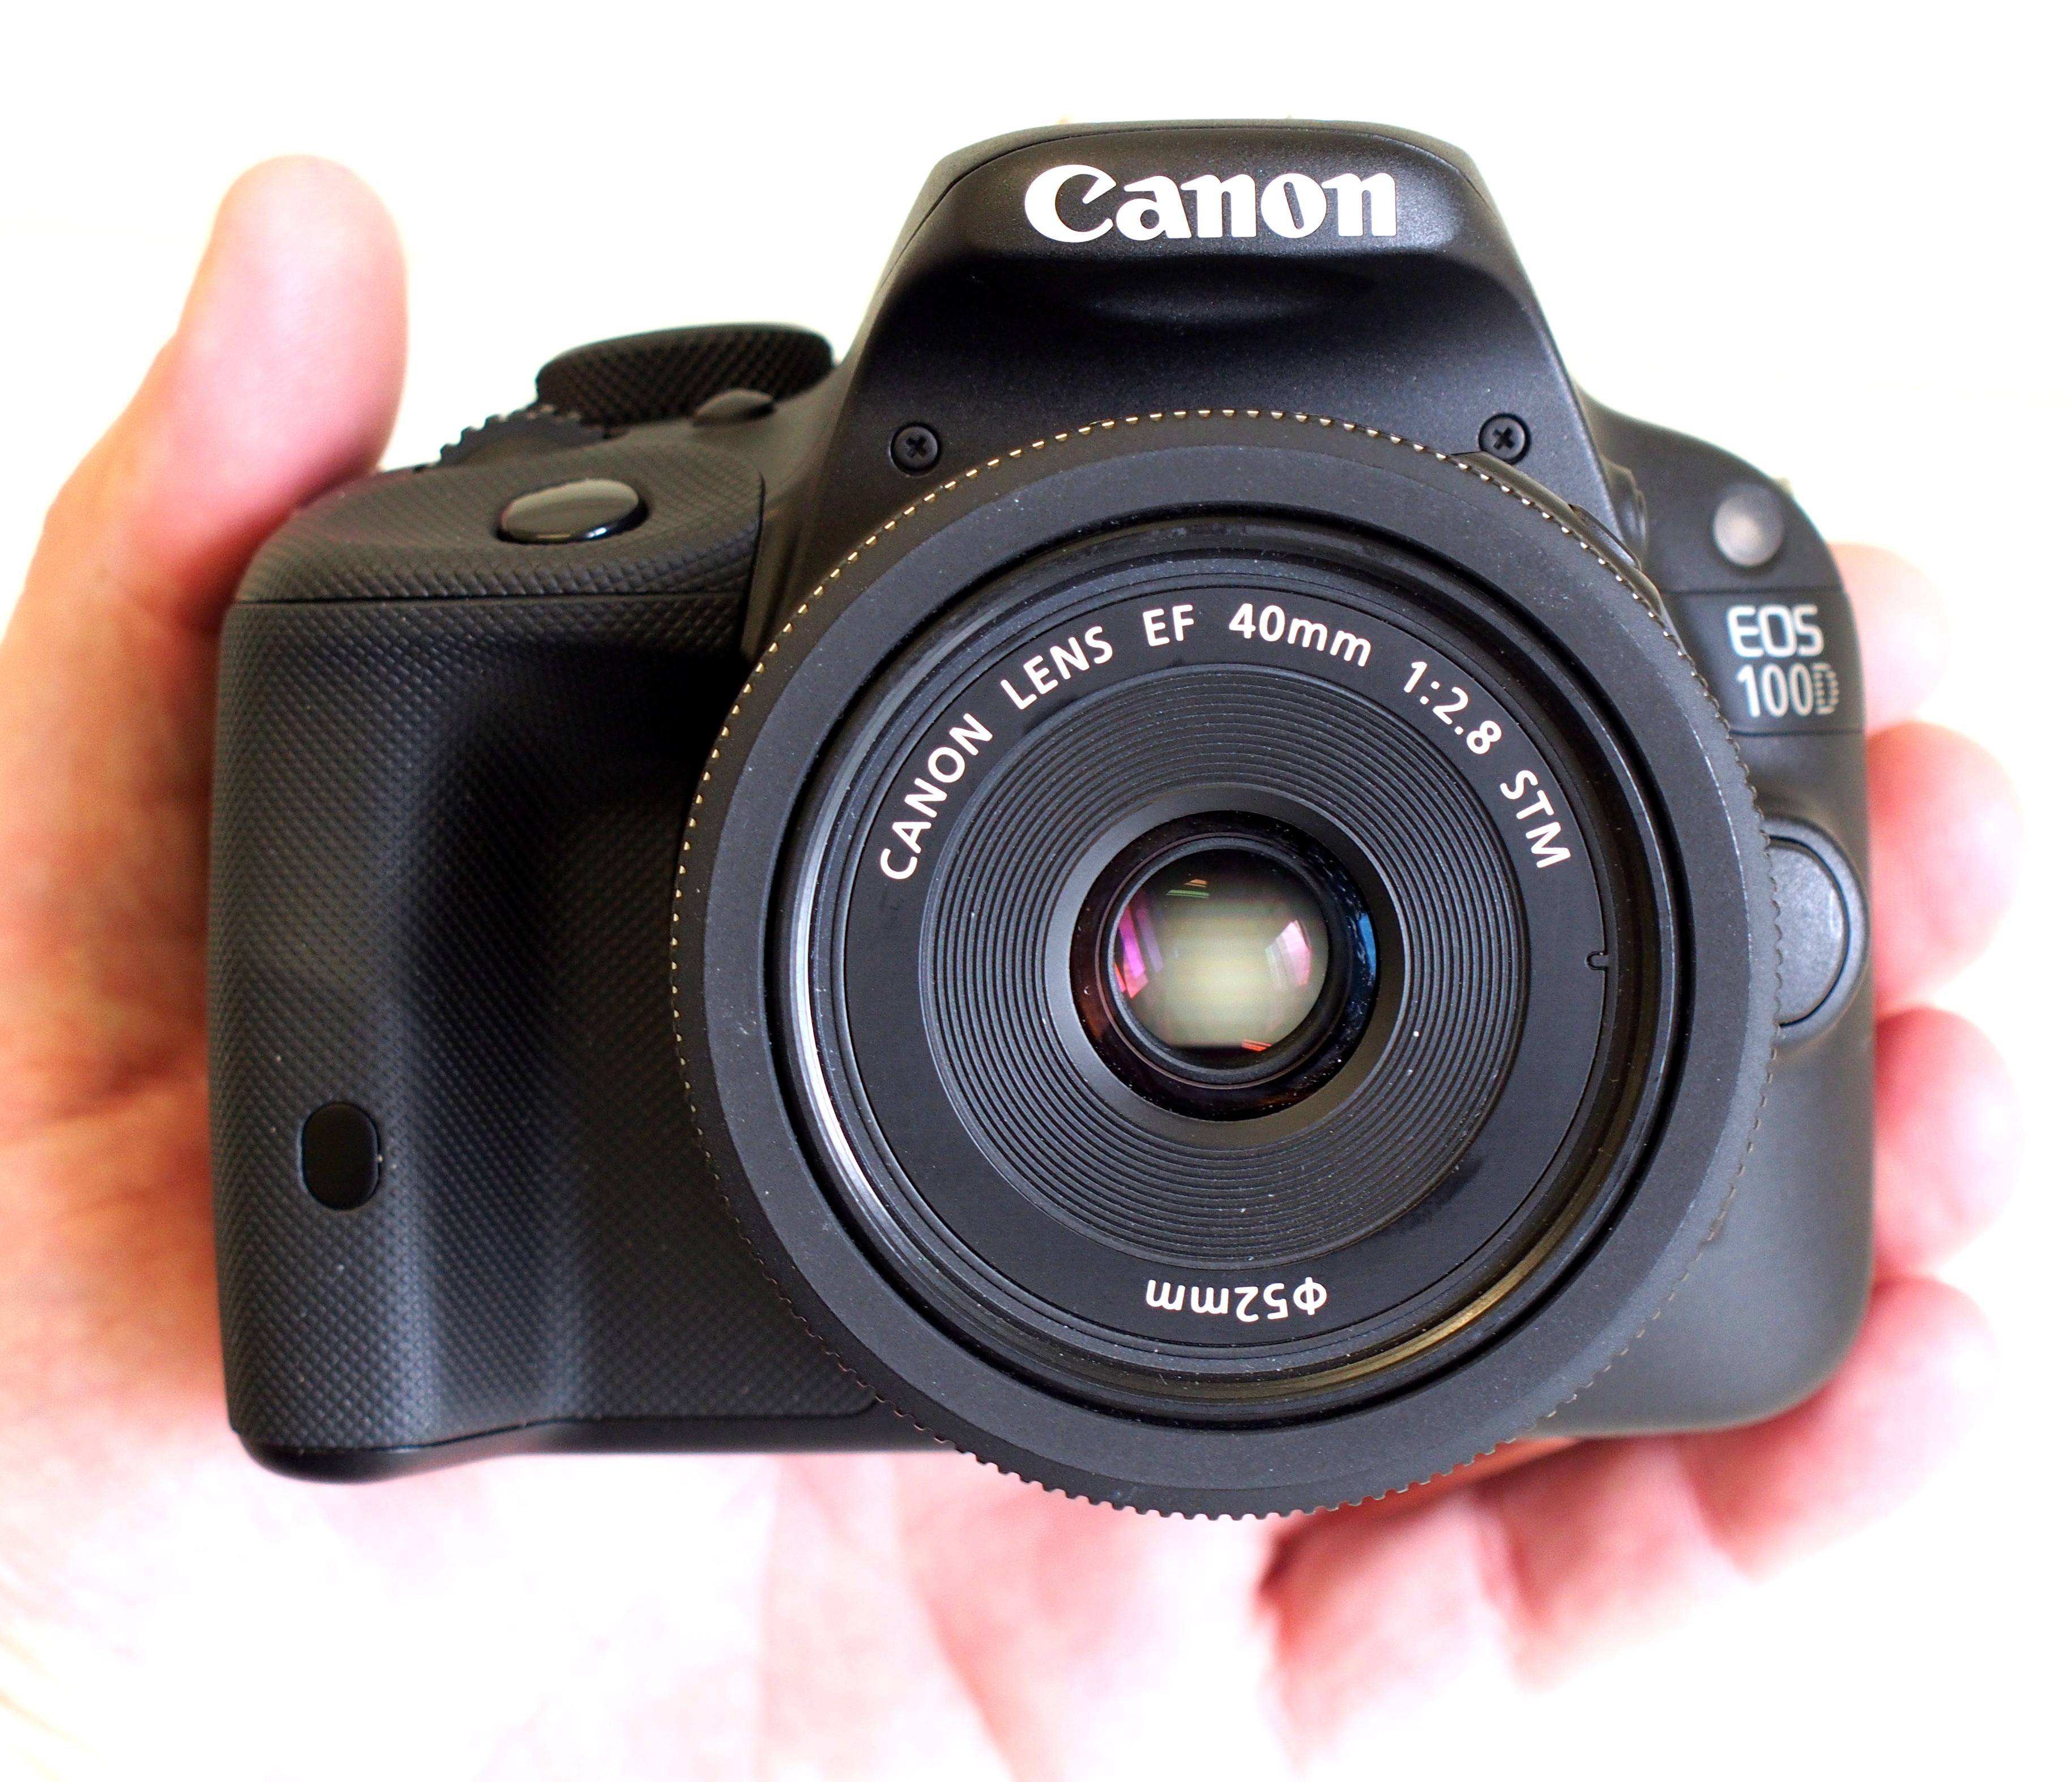 Canon EOS 100D Digital SLR Review